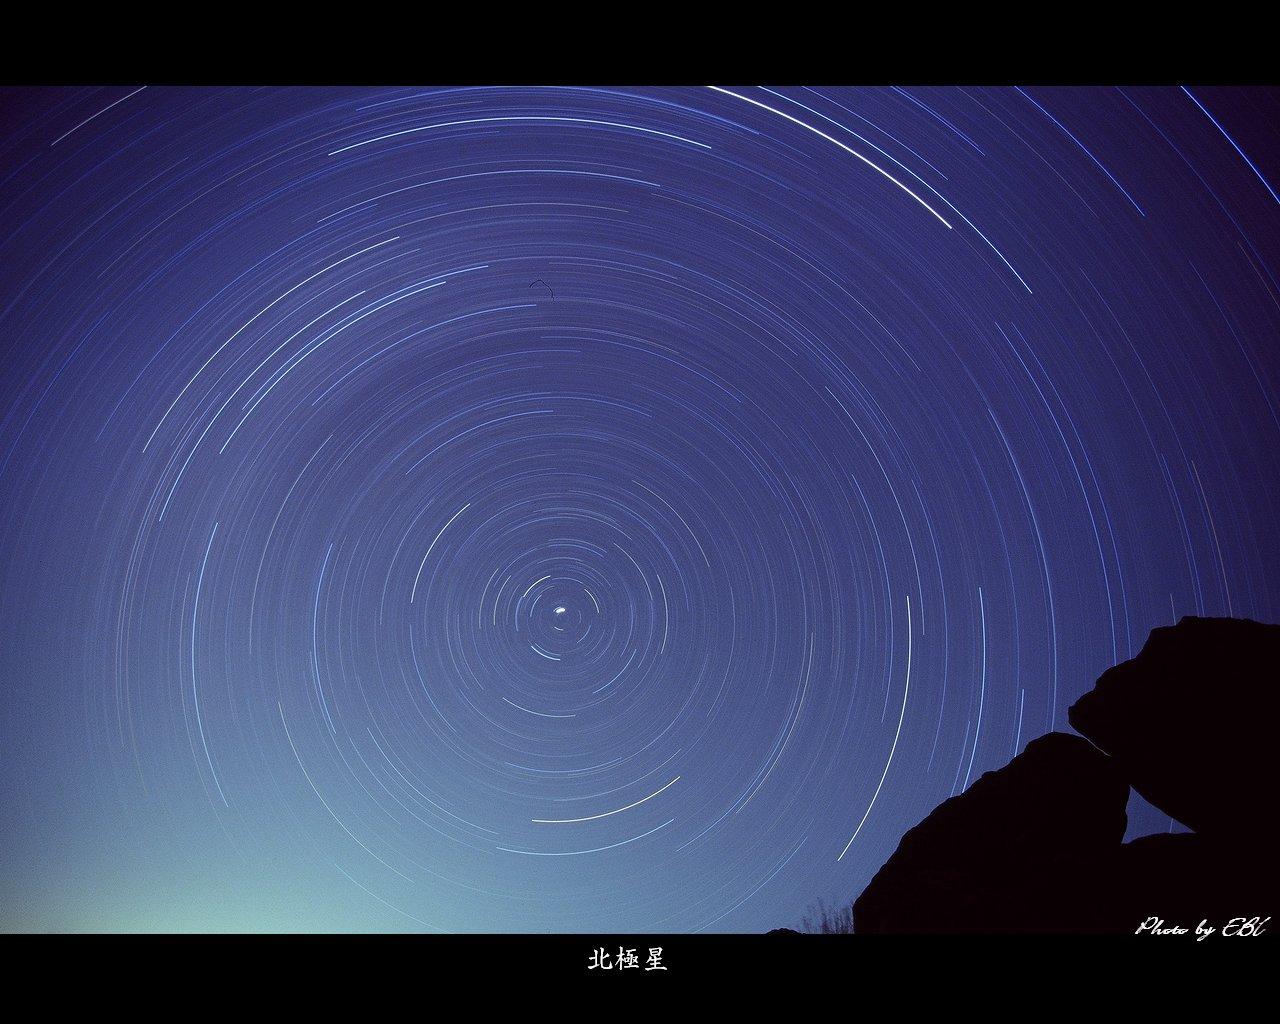 韓国岳登山口の三角窓の岩と星の光跡をタングステンフィルムで撮影 高画質 1280 1024 デスクトップ無料壁紙